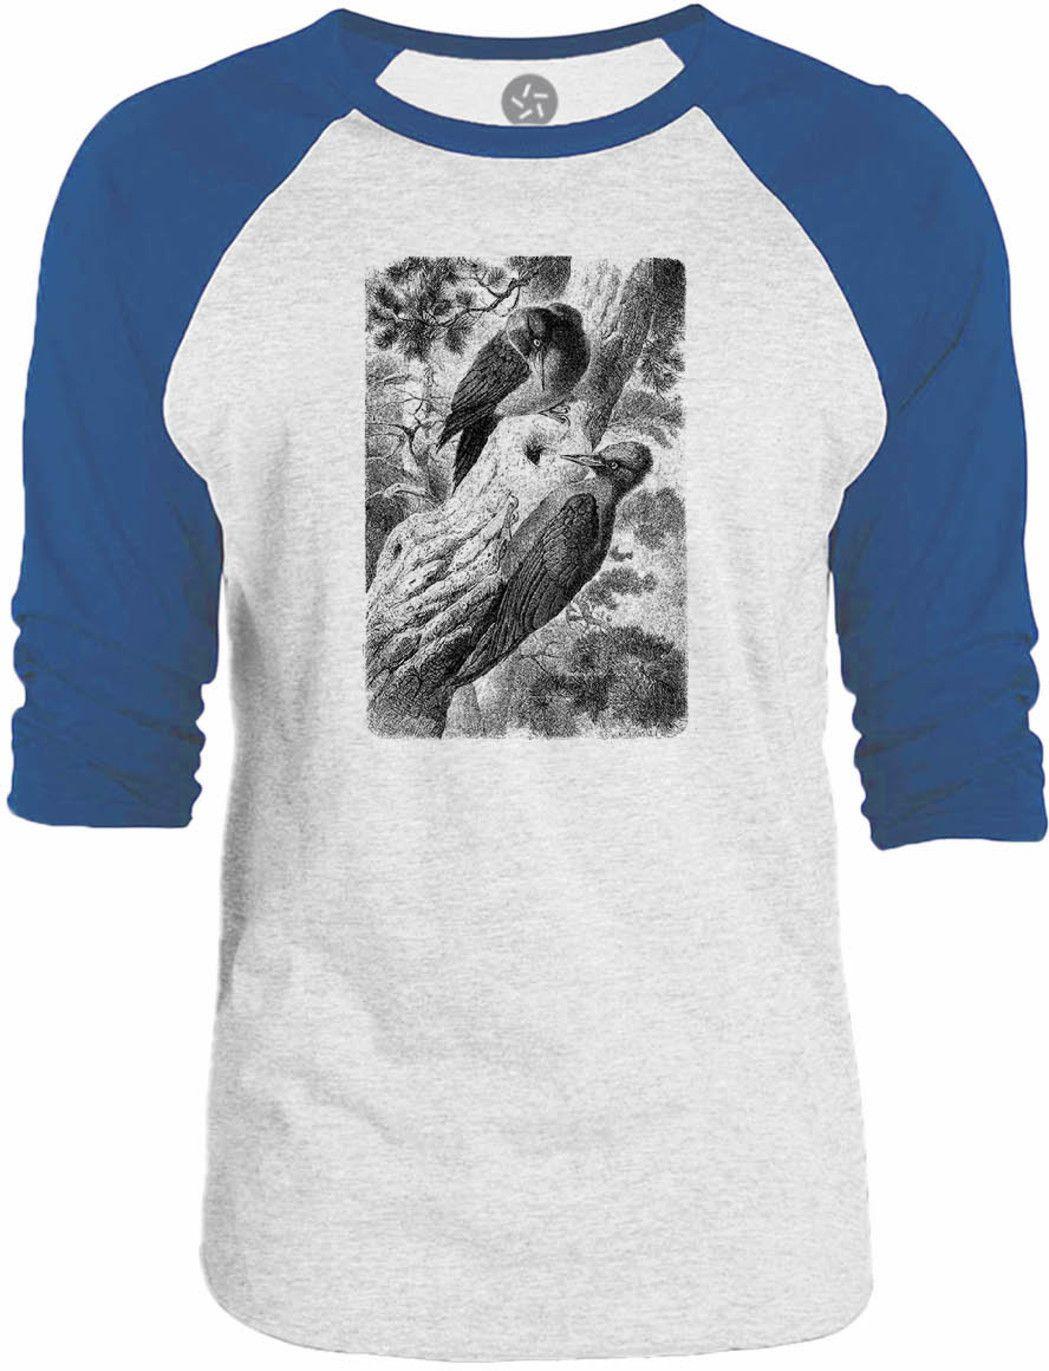 Big Texas Wild Woodpecker 3/4-Sleeve Raglan Baseball T-Shirt